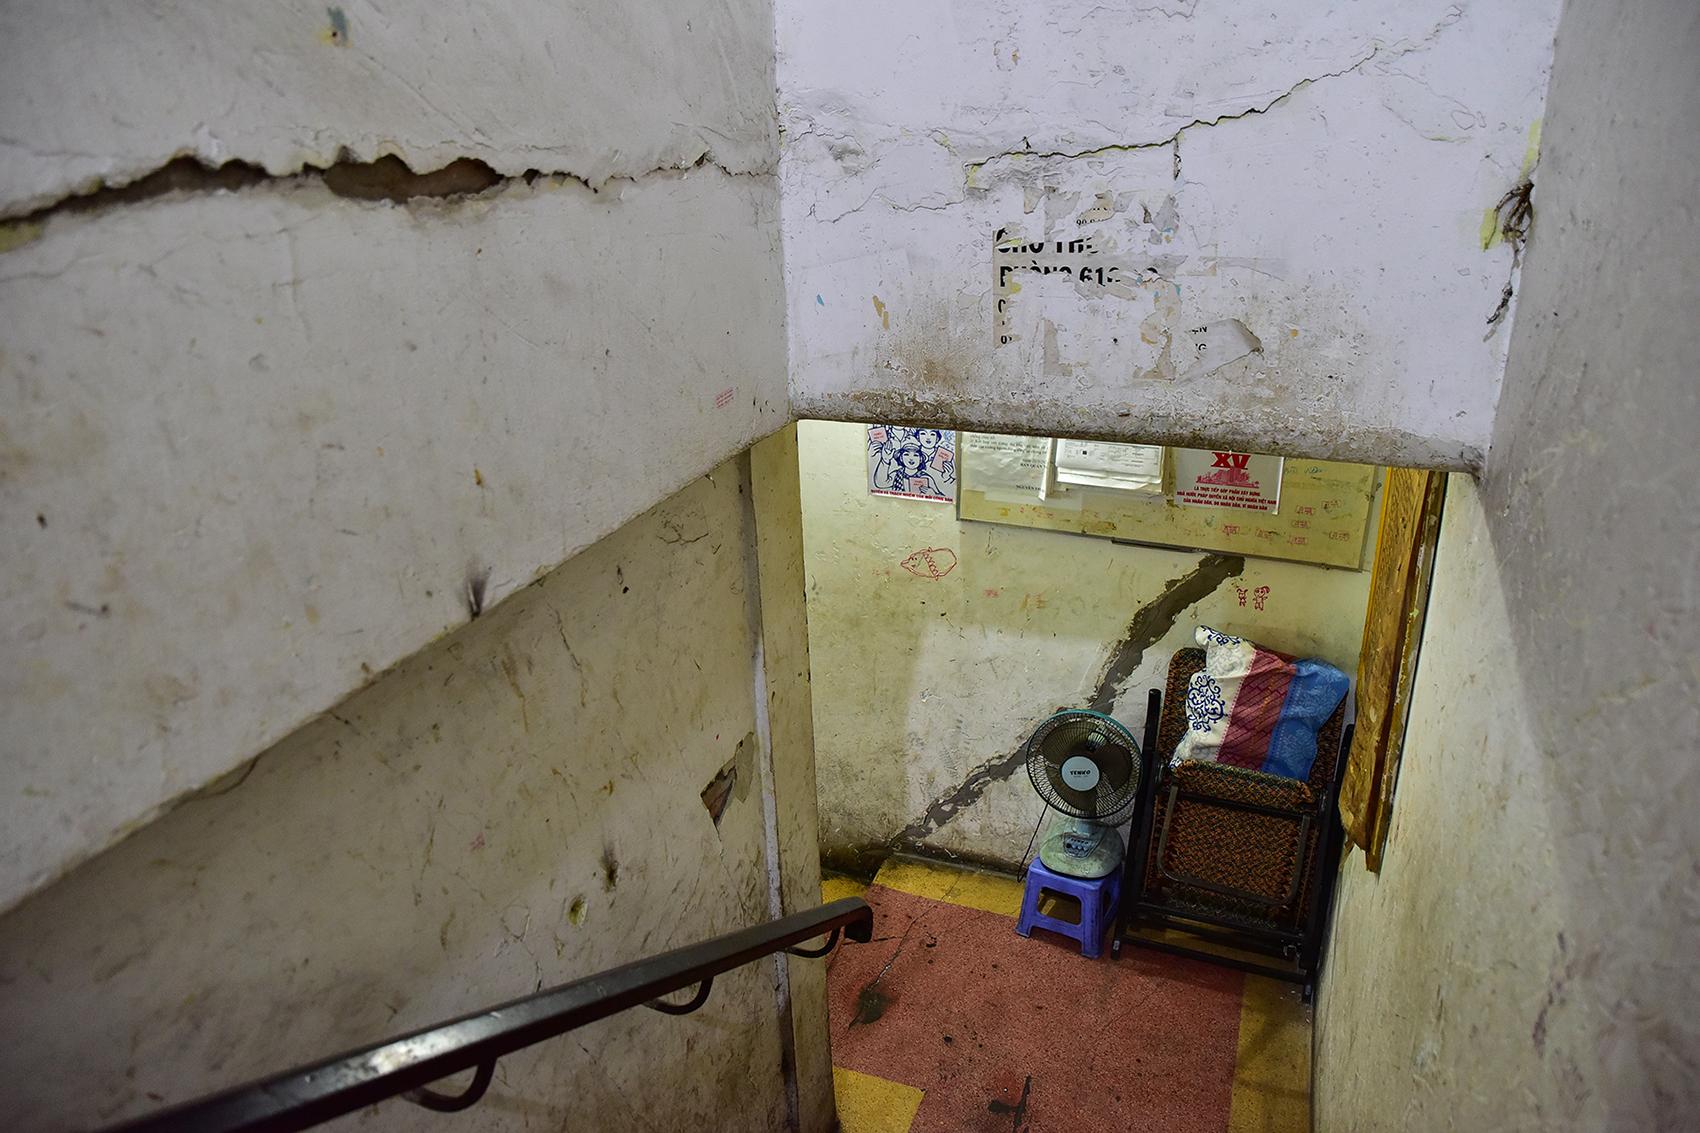 Ớn lạnh cảnh rác ngập ngụa trong các căn hộ chung cư ở phố Tây Sài Gòn - 5